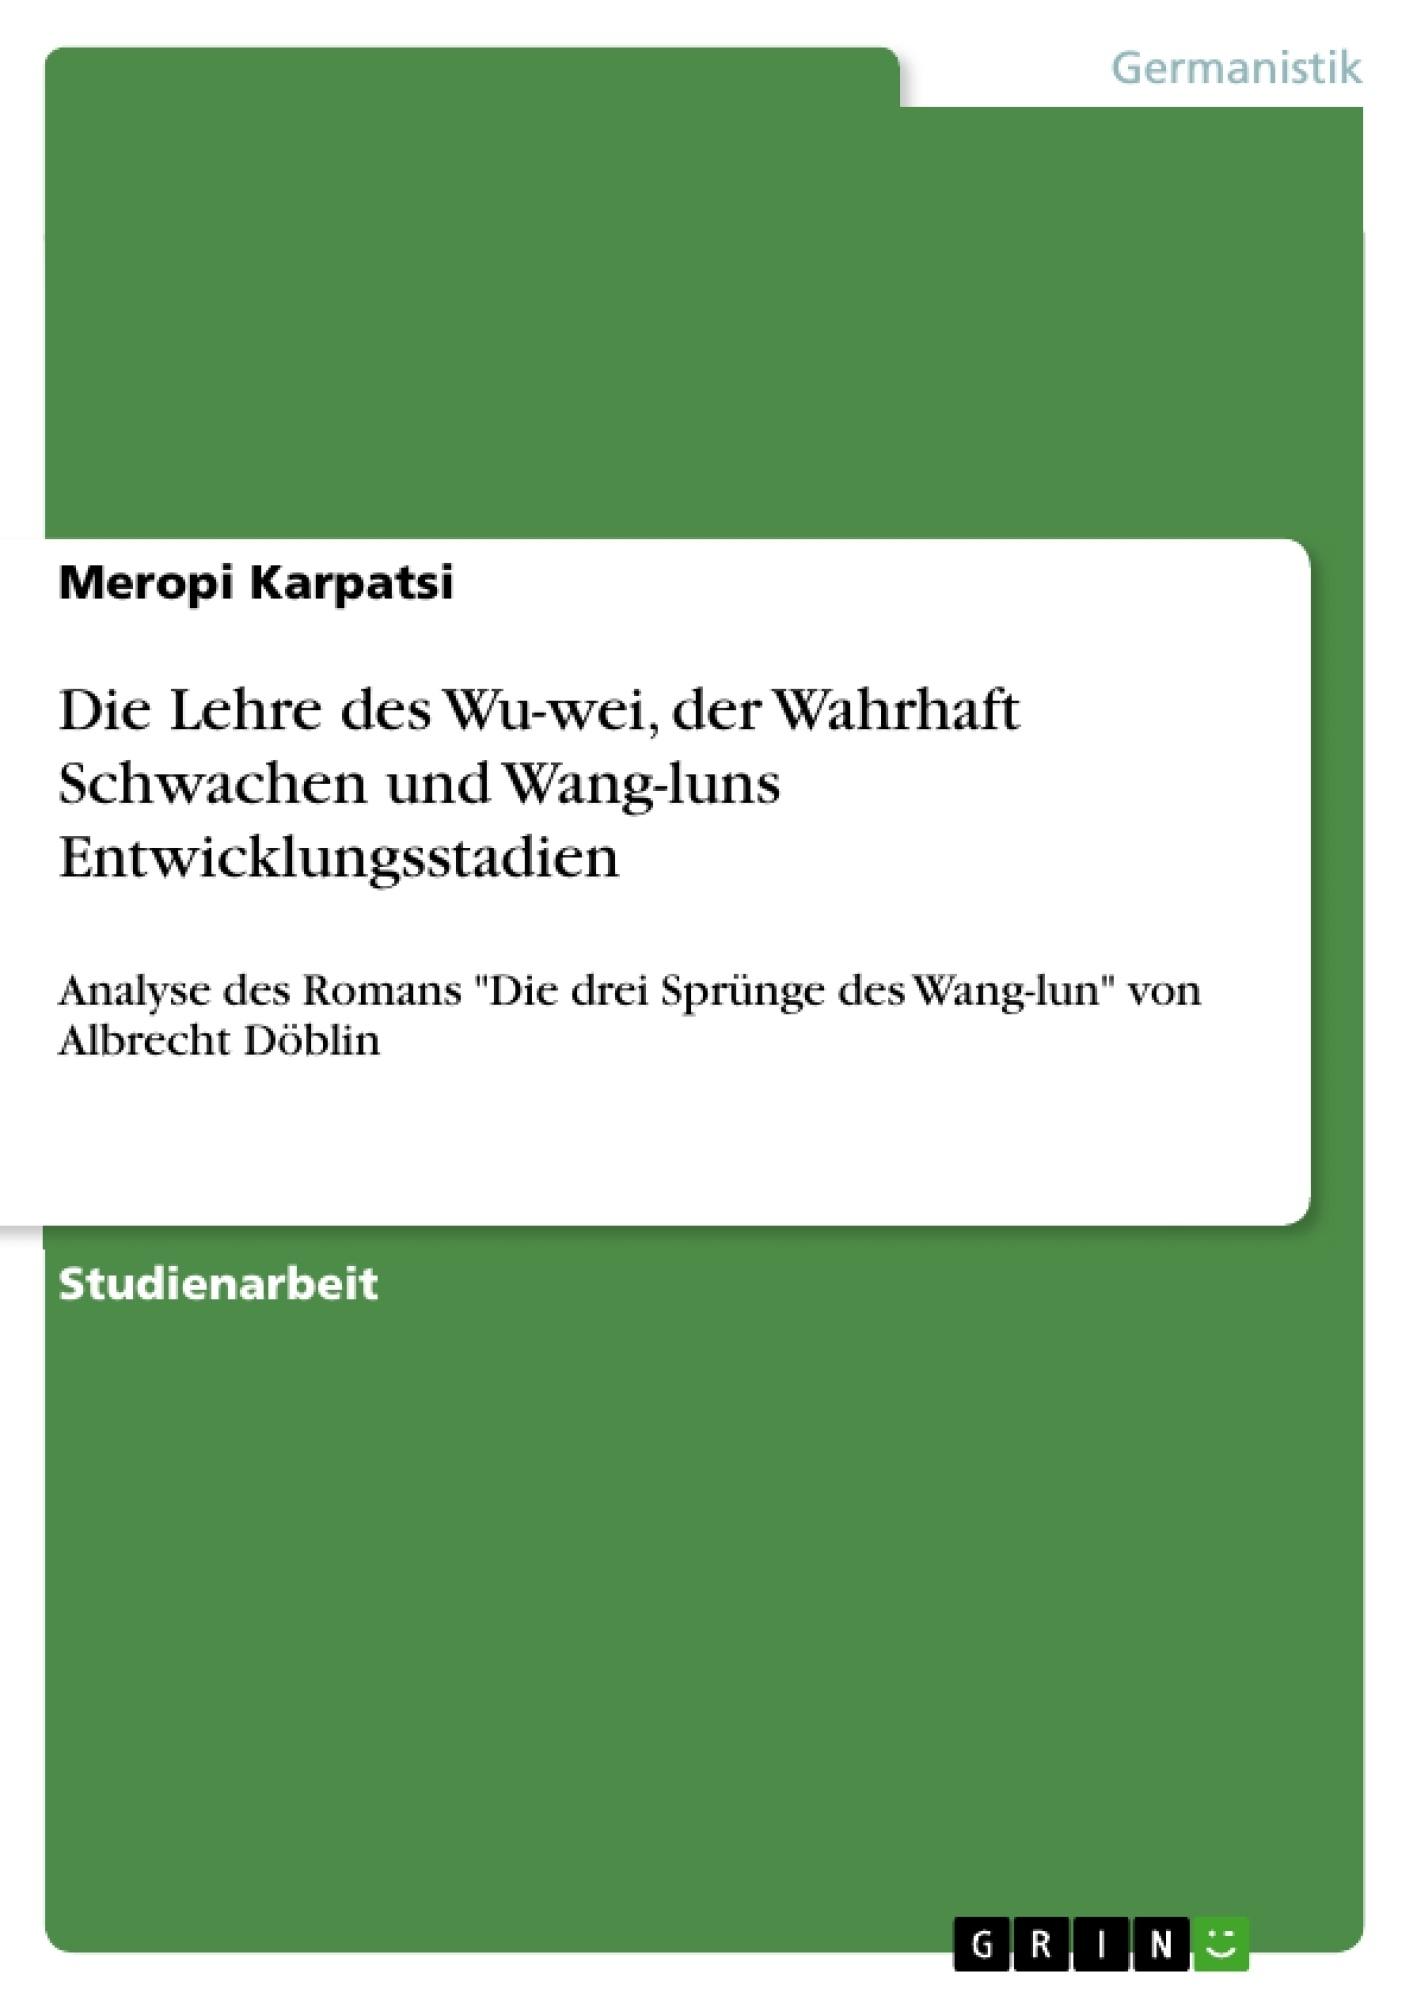 Titel: Die Lehre des Wu-wei, der Wahrhaft Schwachen und Wang-luns Entwicklungsstadien